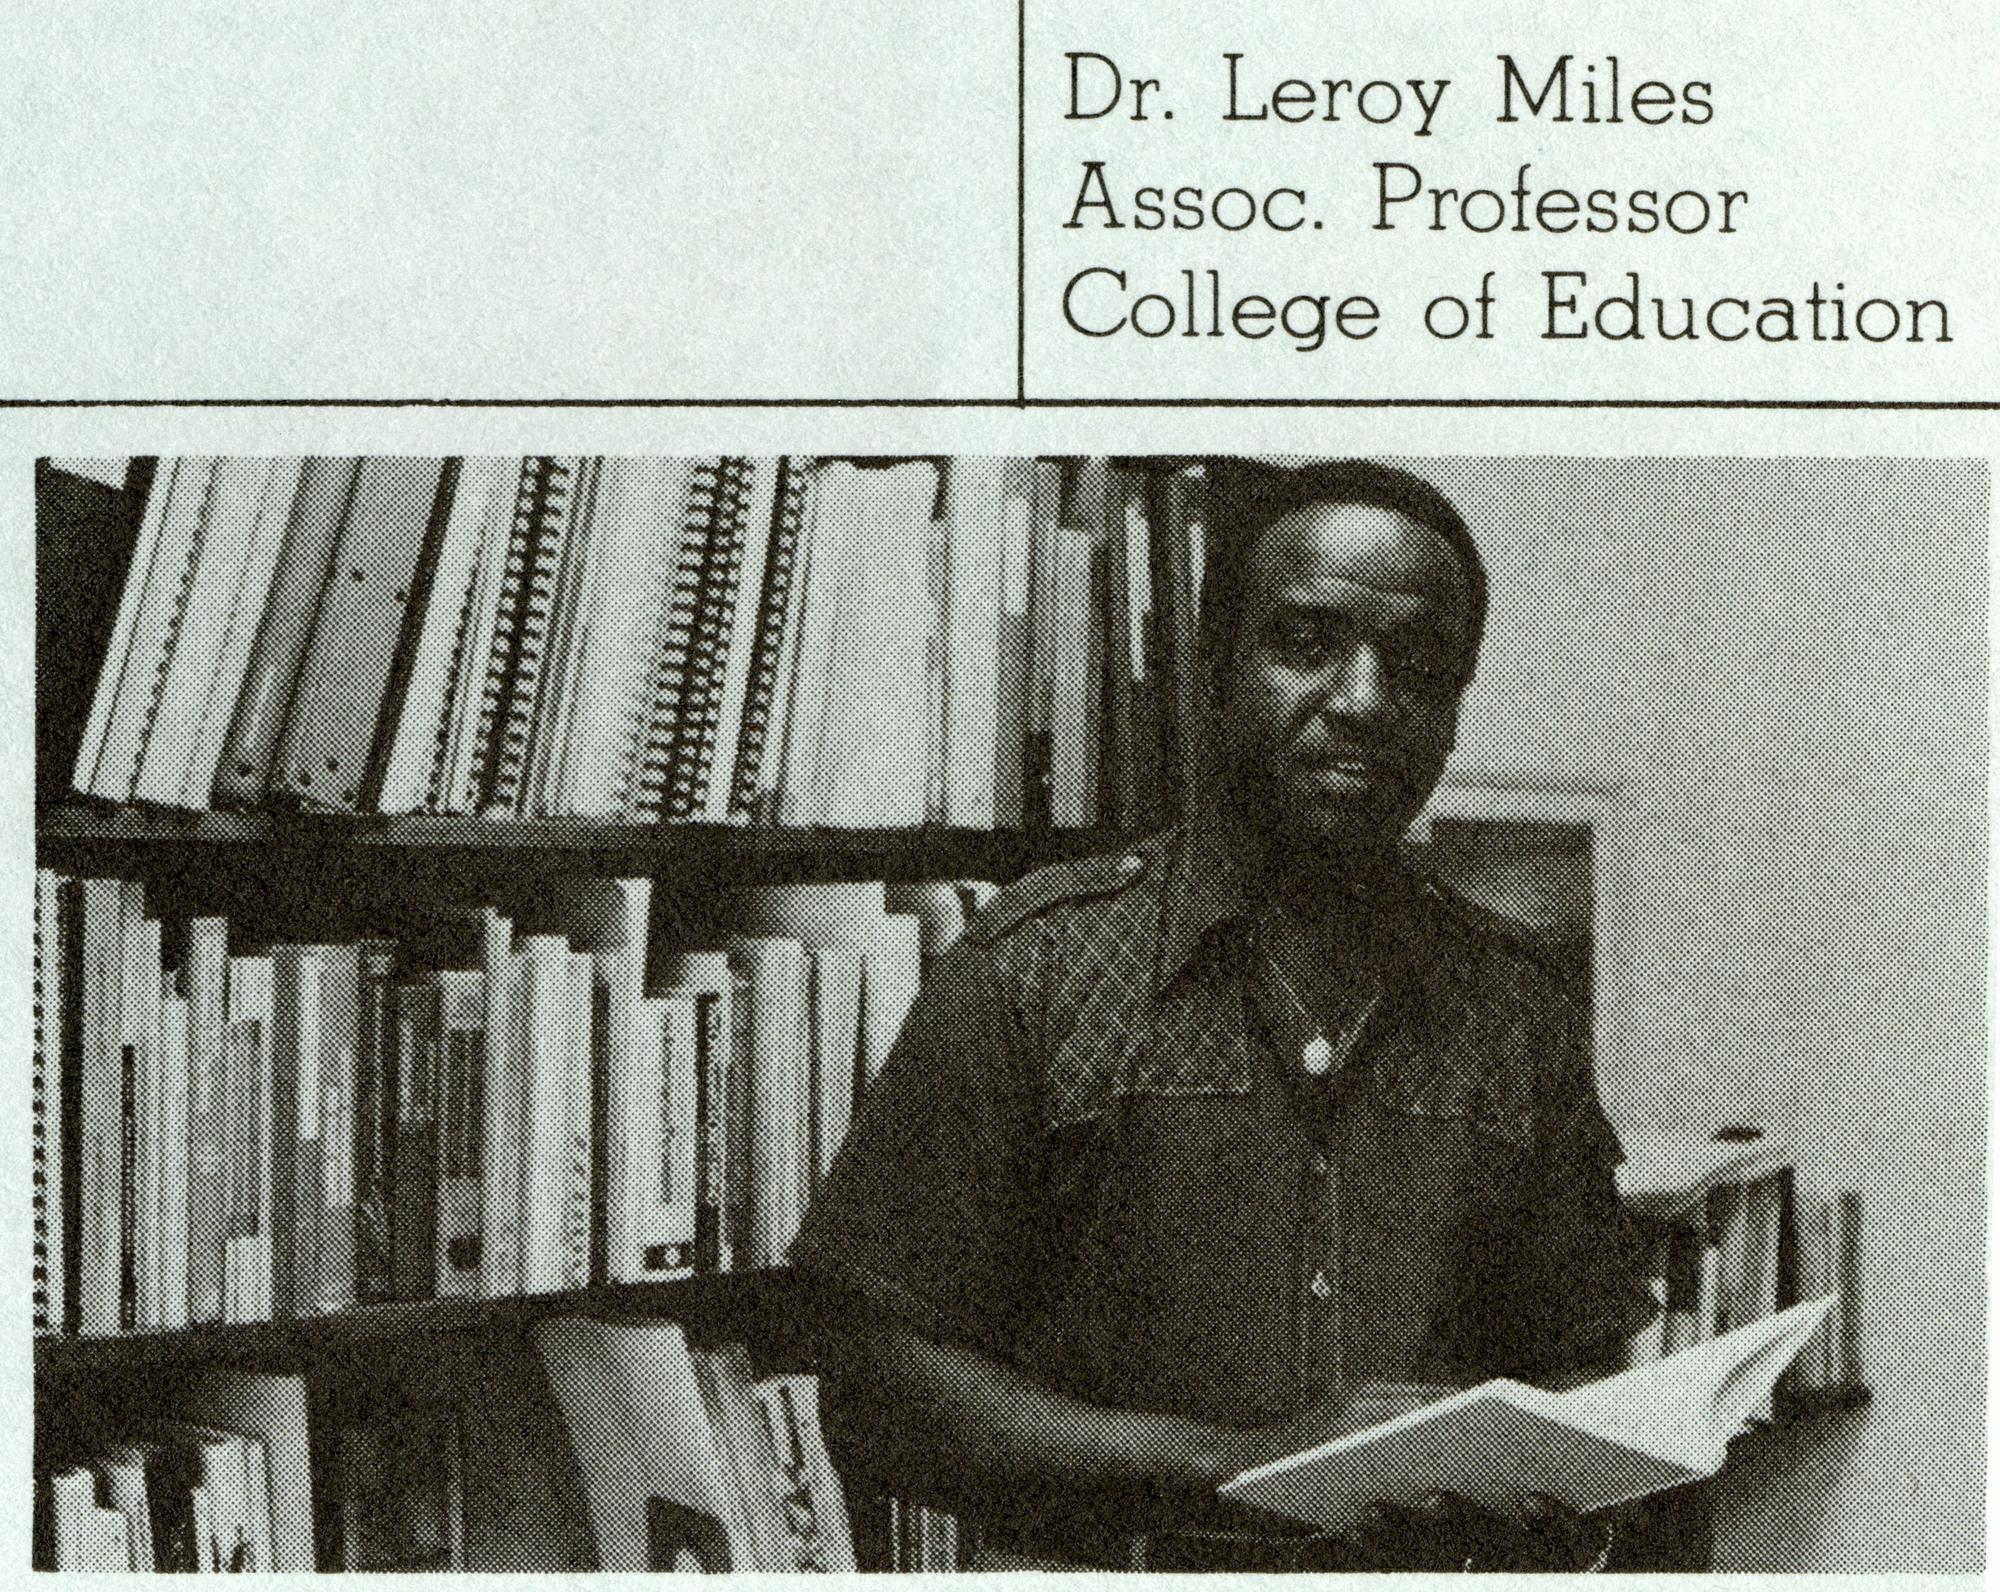 http://spec.lib.vt.edu/pickup/Omeka_upload/MilesLeroy_1982.jpg